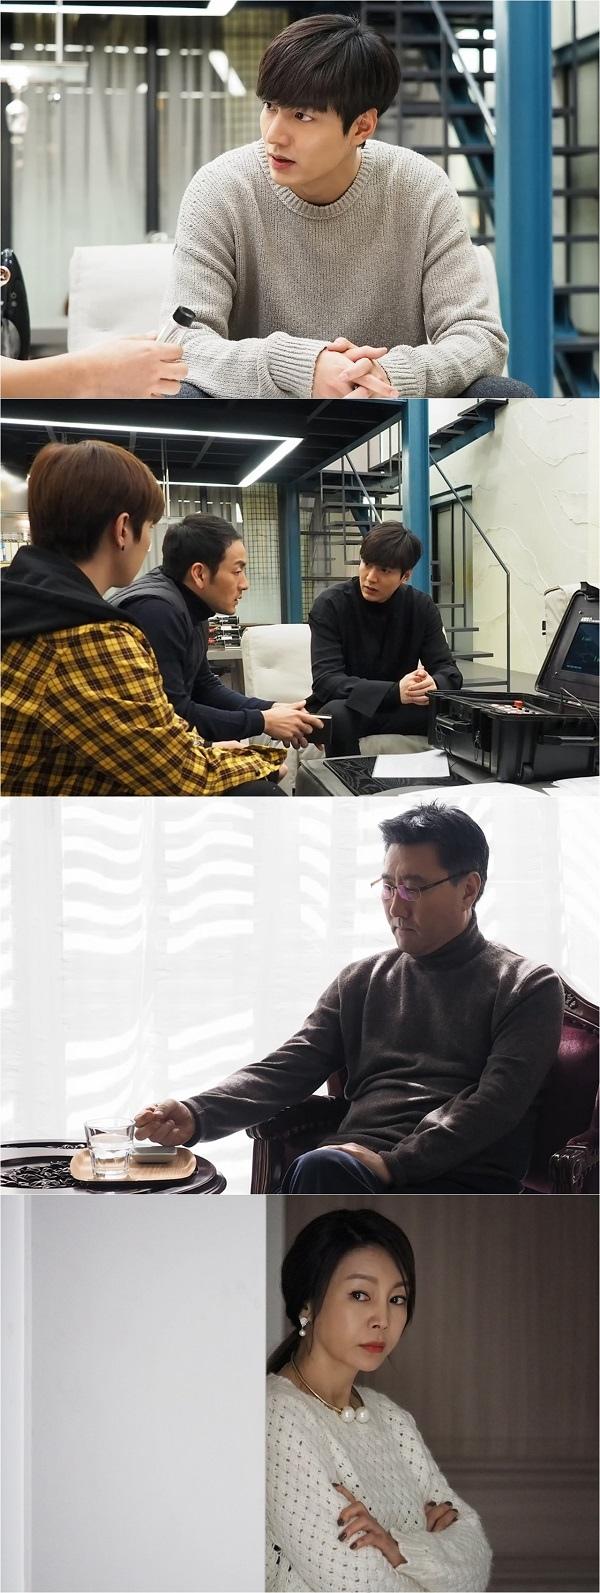 《藍海傳說》發布第17集劇照 李敏鎬決意救出父親